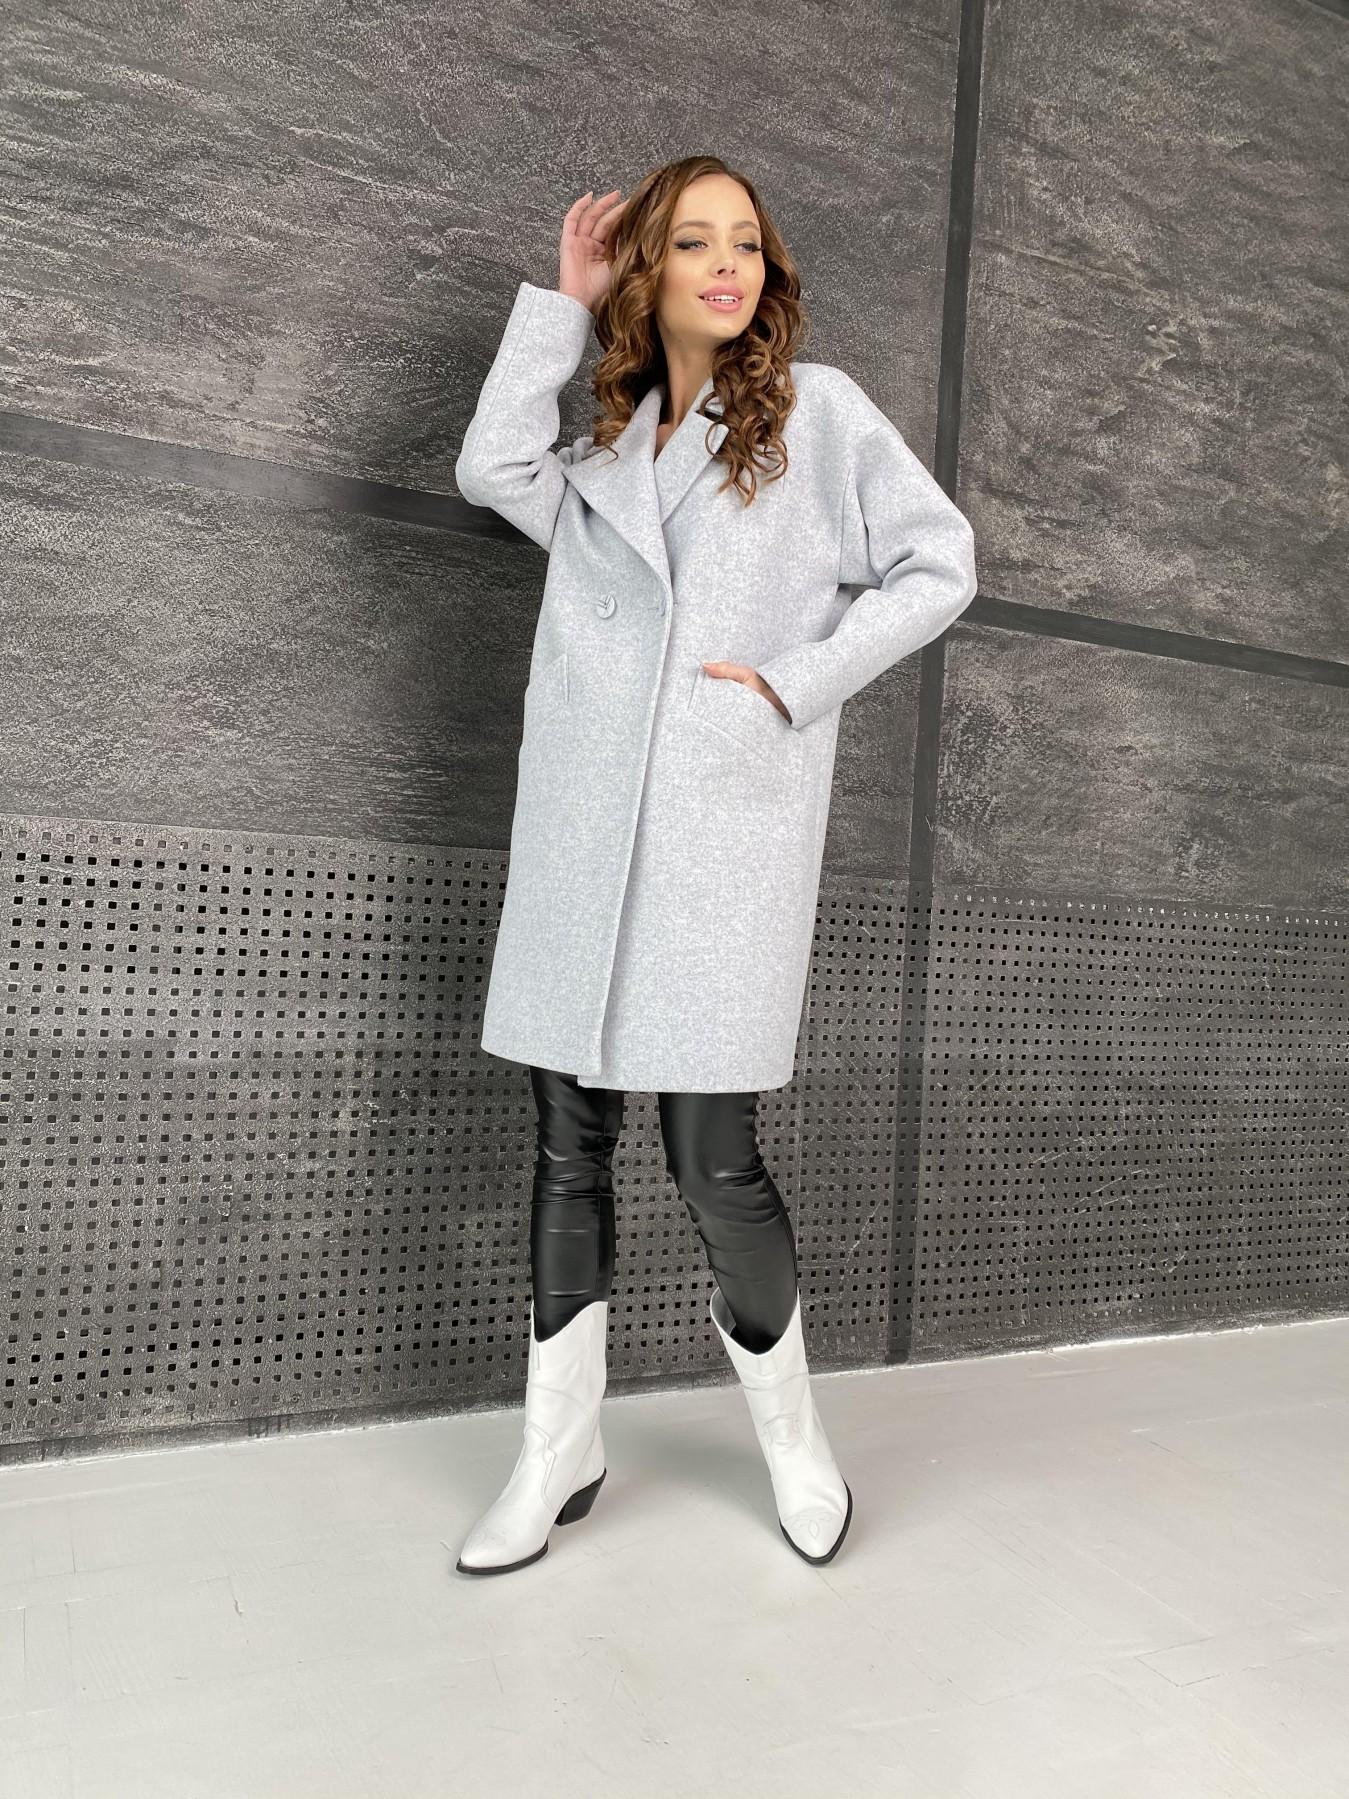 Сенсей пальто из кашемира меланж  10745 АРТ. 47223 Цвет: Серый Светлый 33 - фото 2, интернет магазин tm-modus.ru